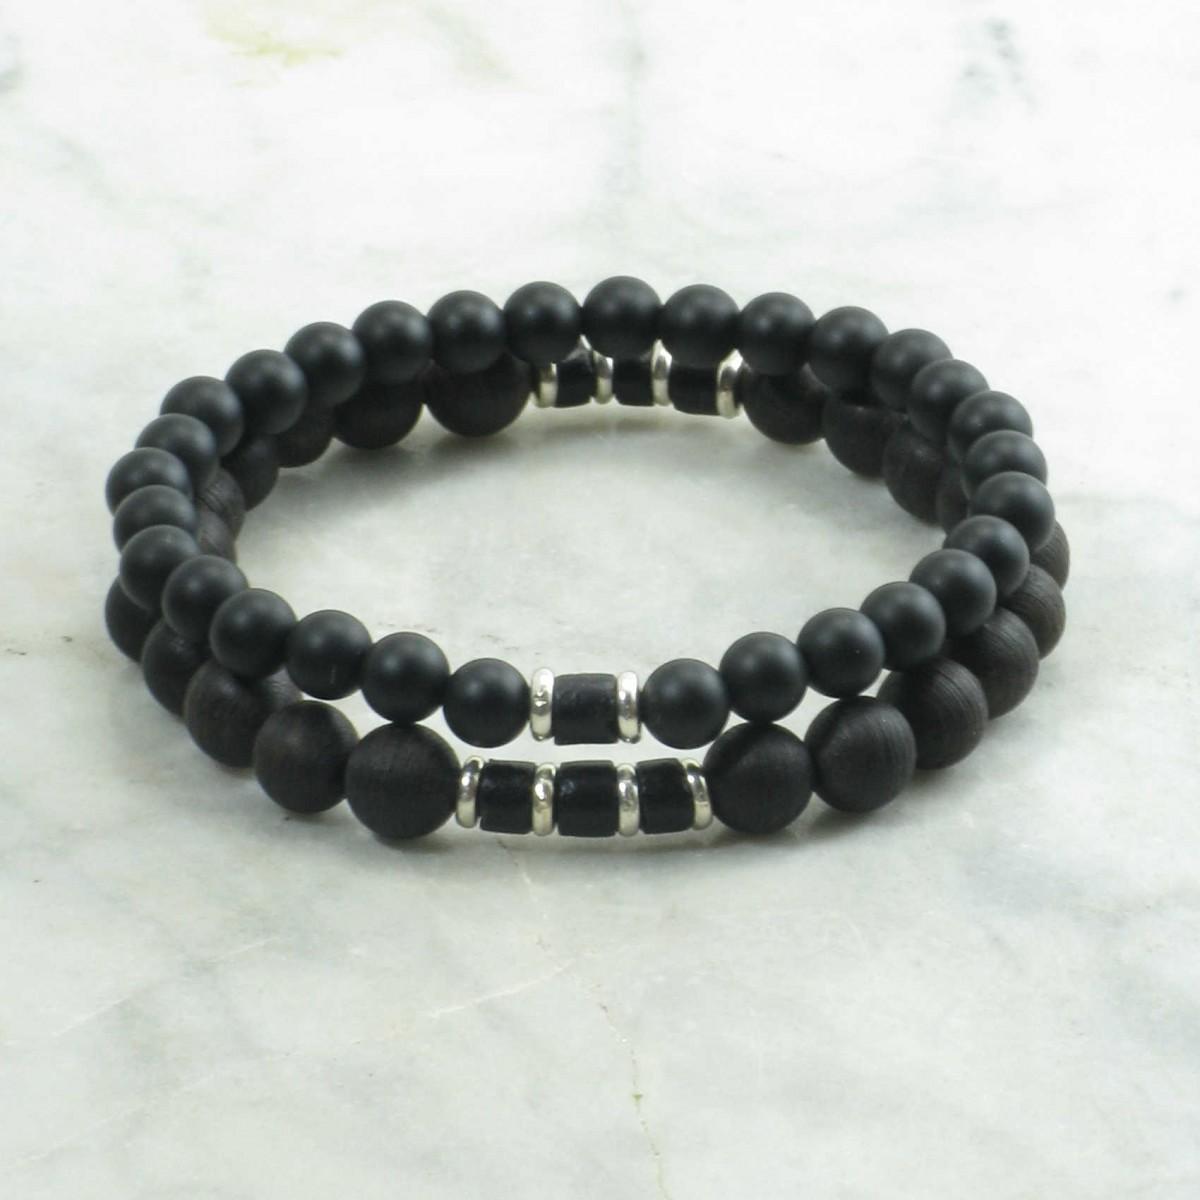 Zen_Bracelets_for_Men_Mala_Beads_Stacks_Agarwood_Agate_Buddhist_Prayer_Beads